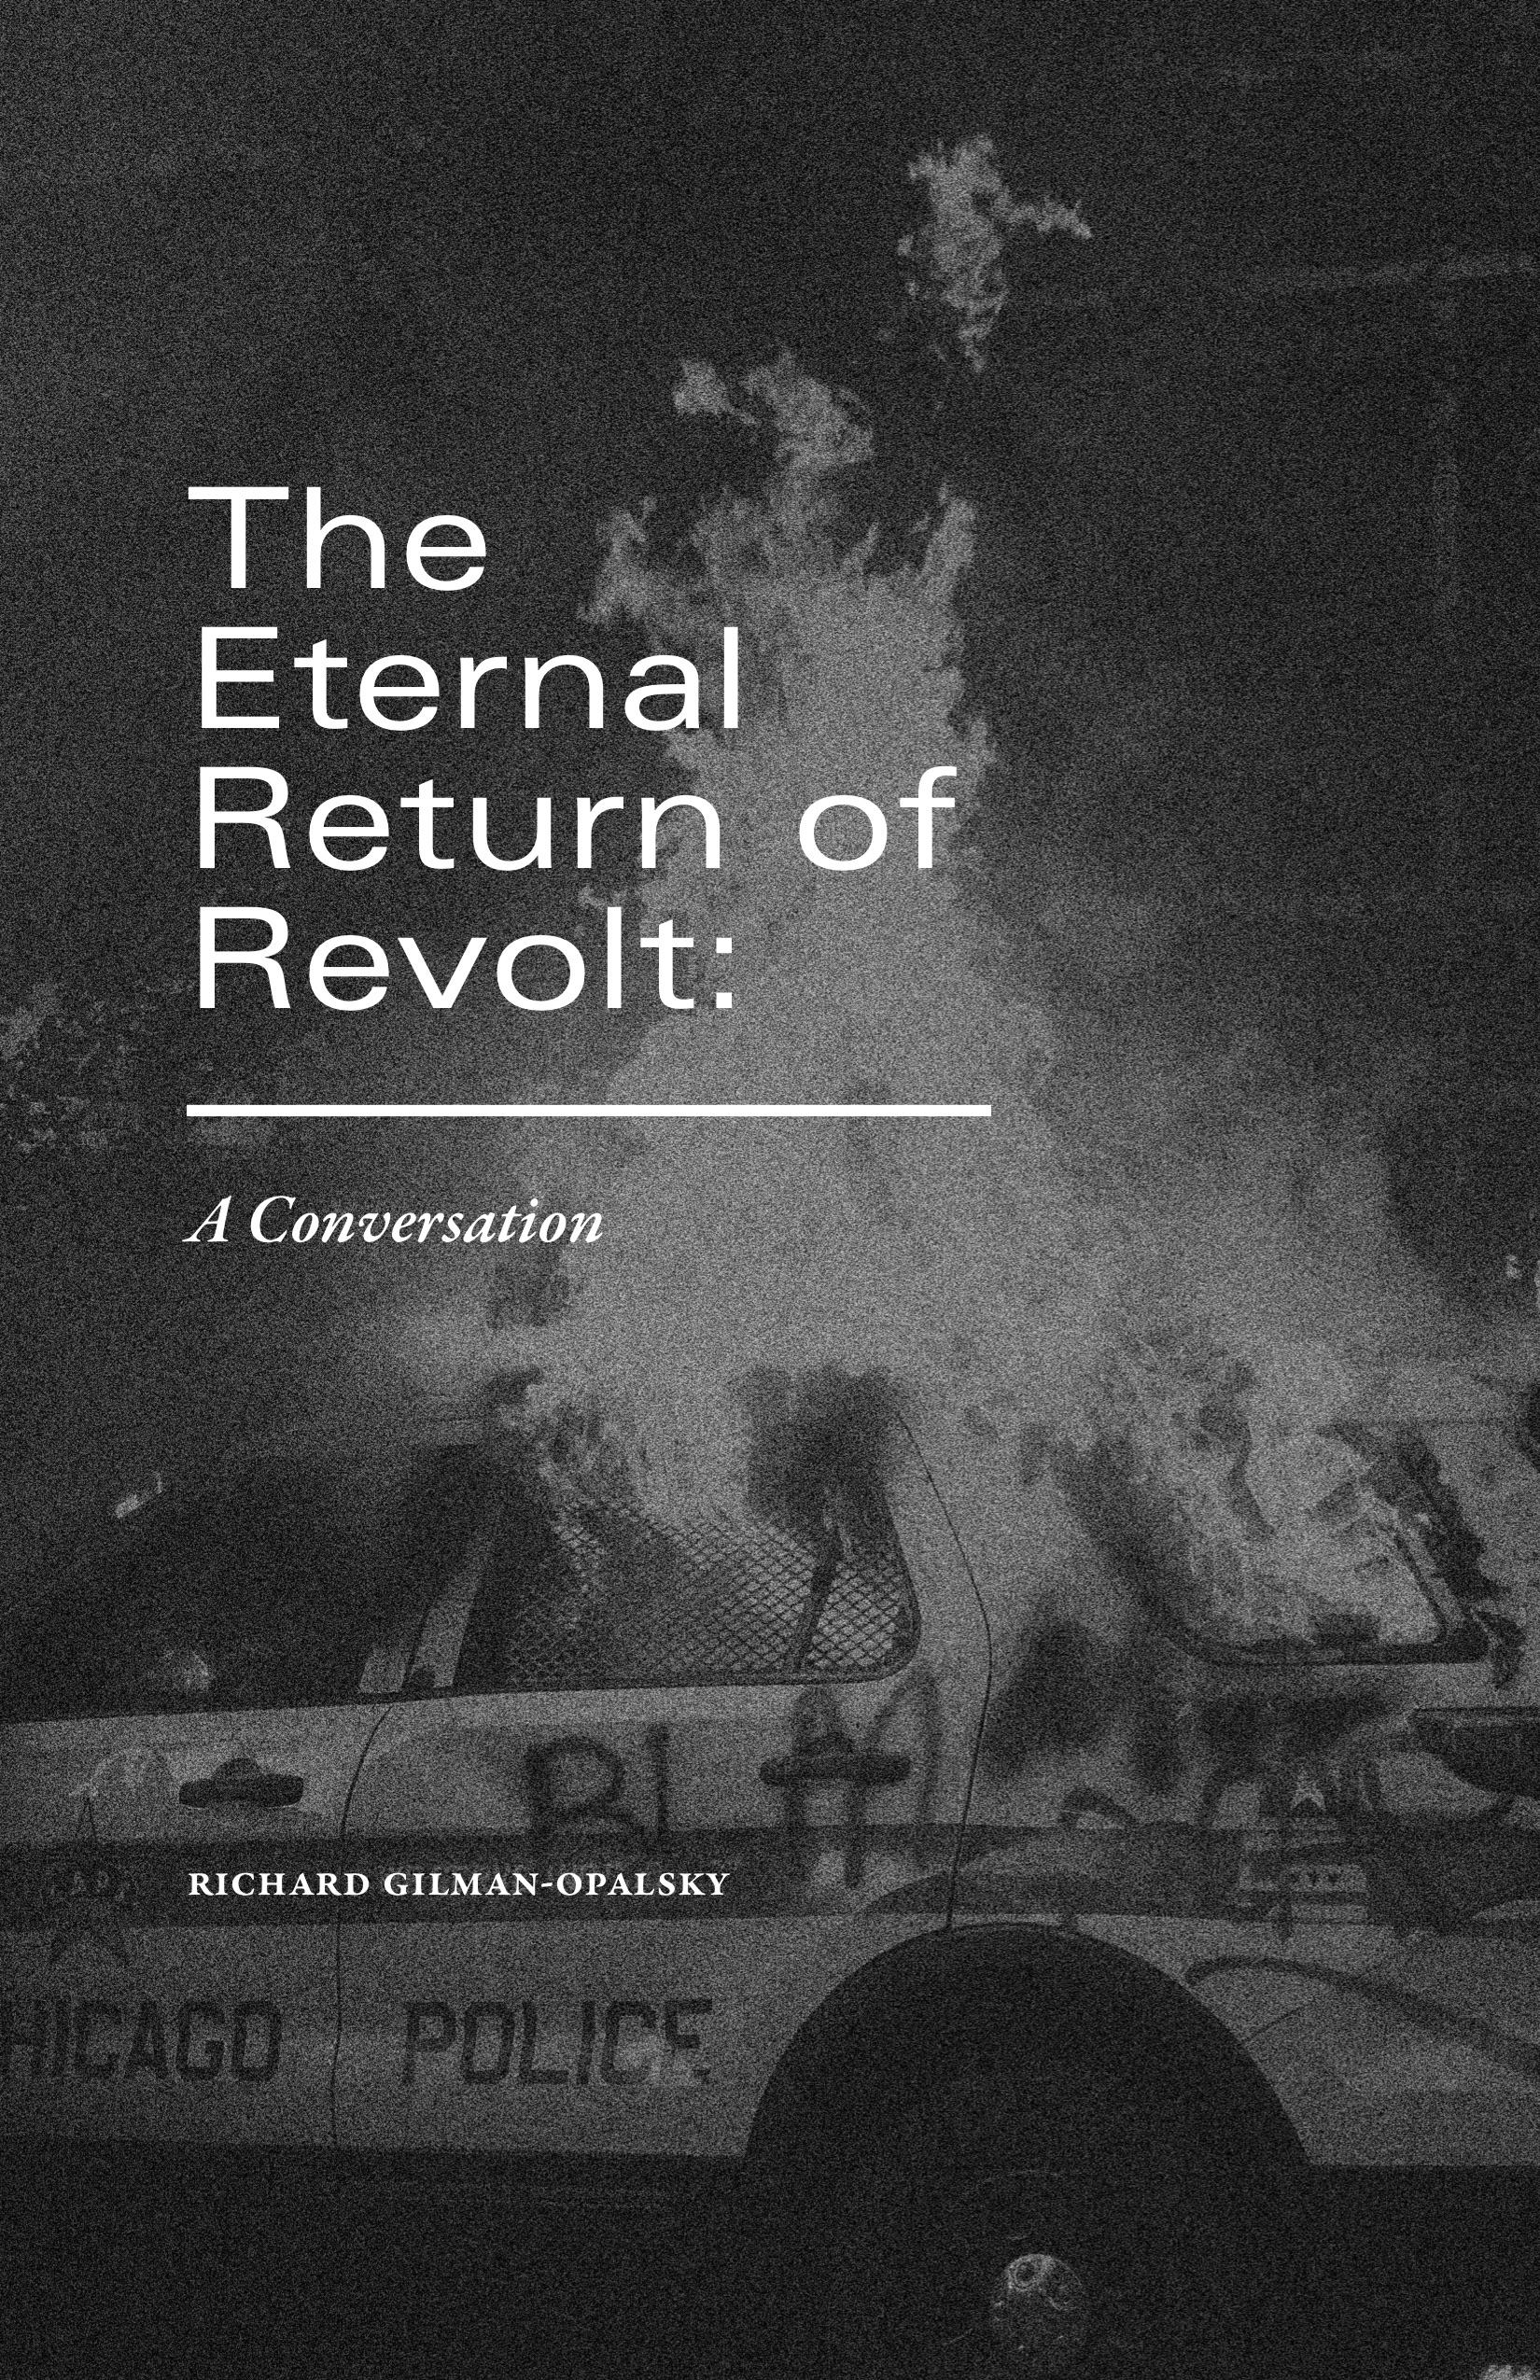 Cover Image for The Eternal Return of Revolt